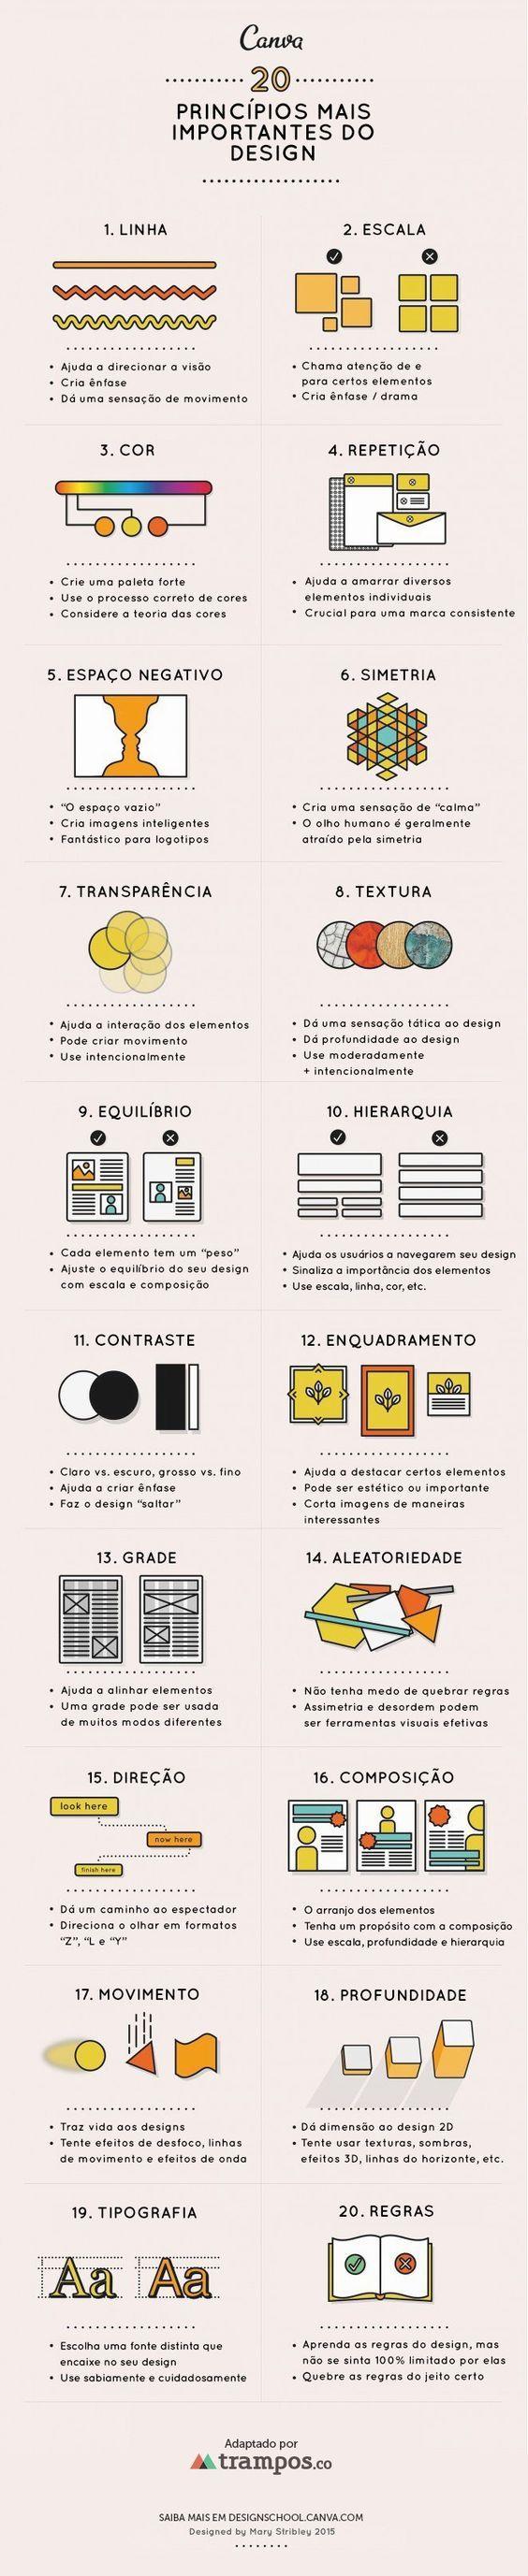 Infográfico: elementos e princípios do design.